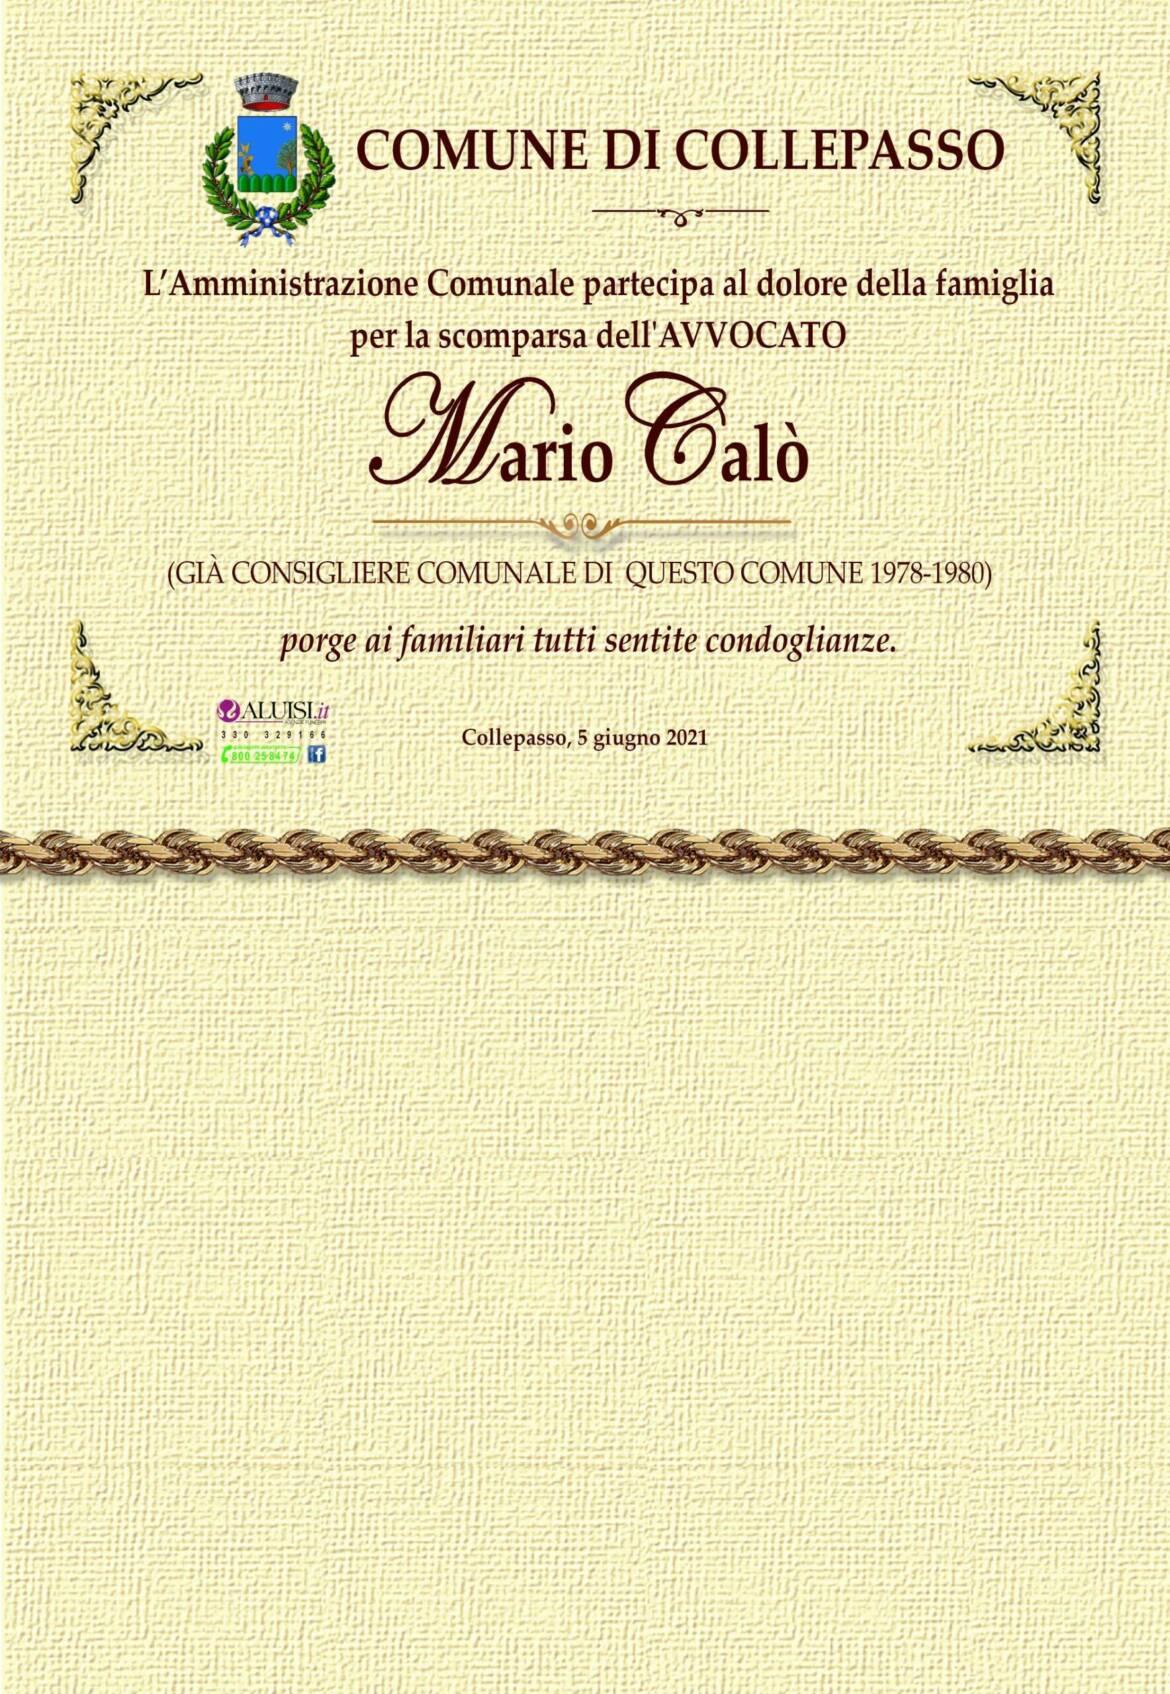 PARTECIPAZIONE-MARIO-CALo-COLLEPASSO-6-1-scaled.jpg